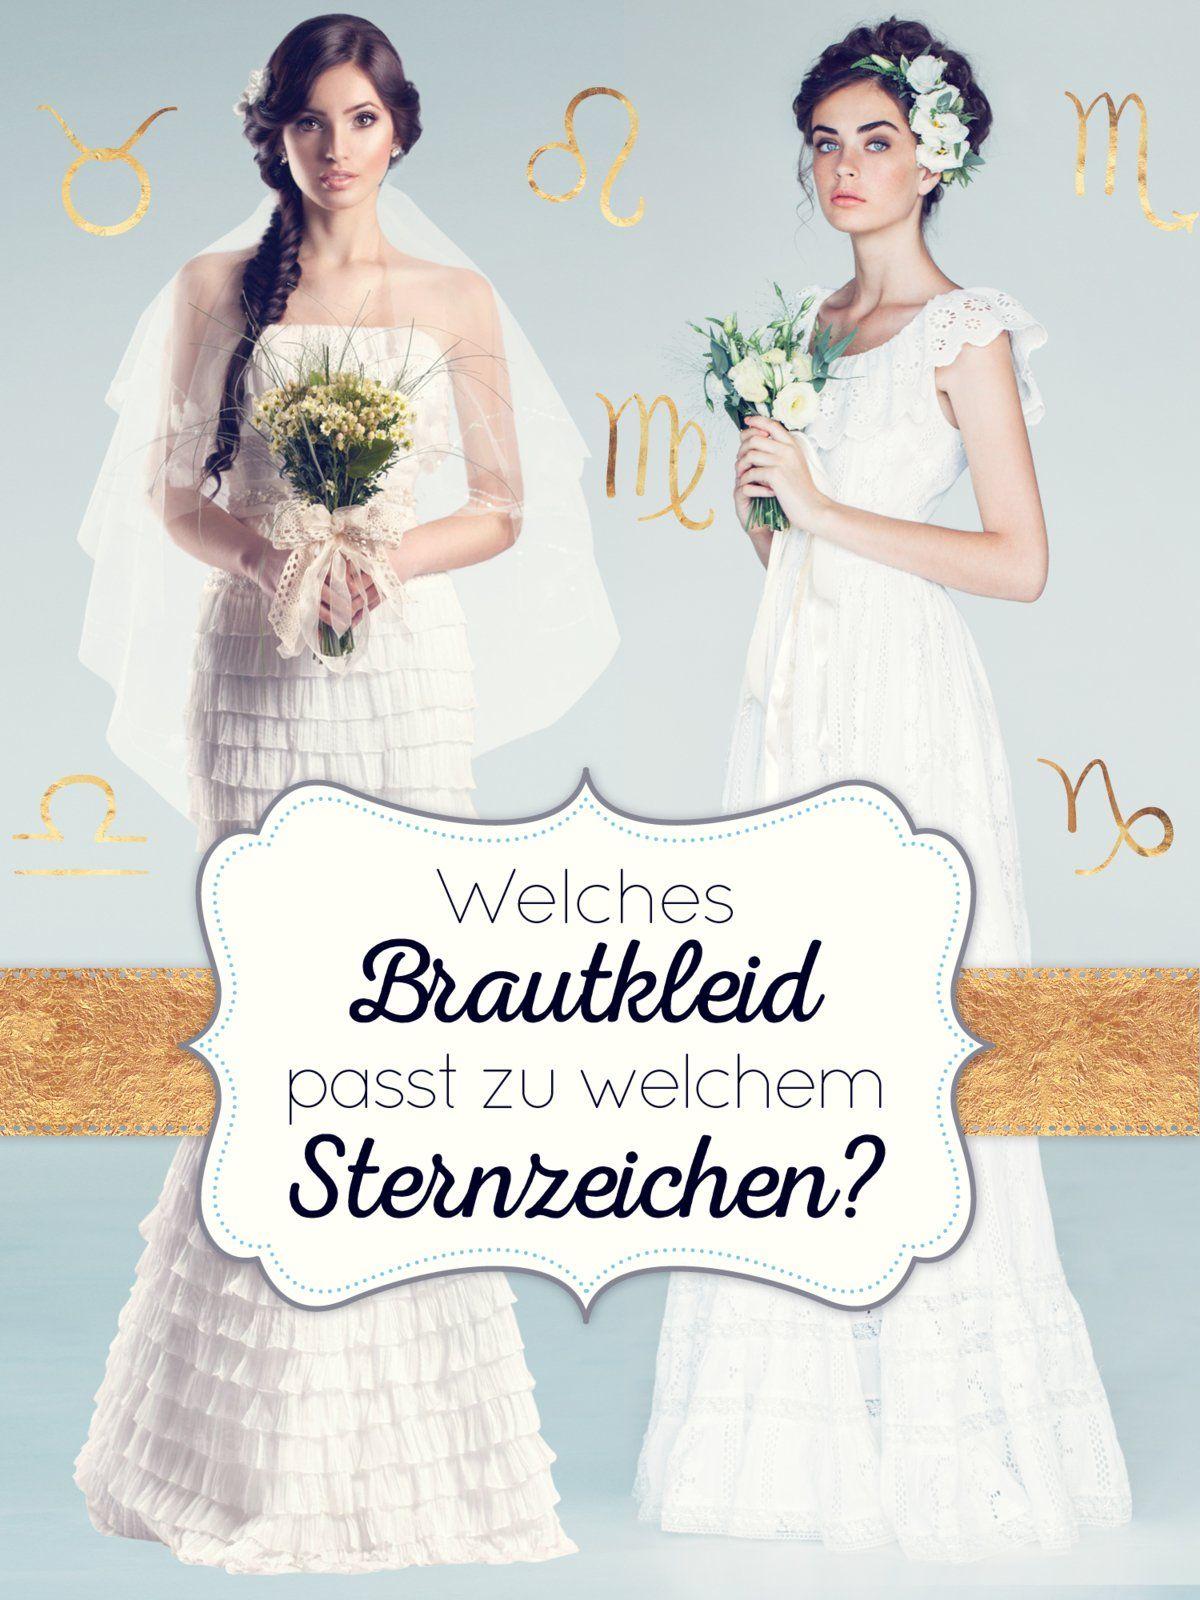 Welches Brautkleid passt zu welchem Sternzeichen? | Tarot